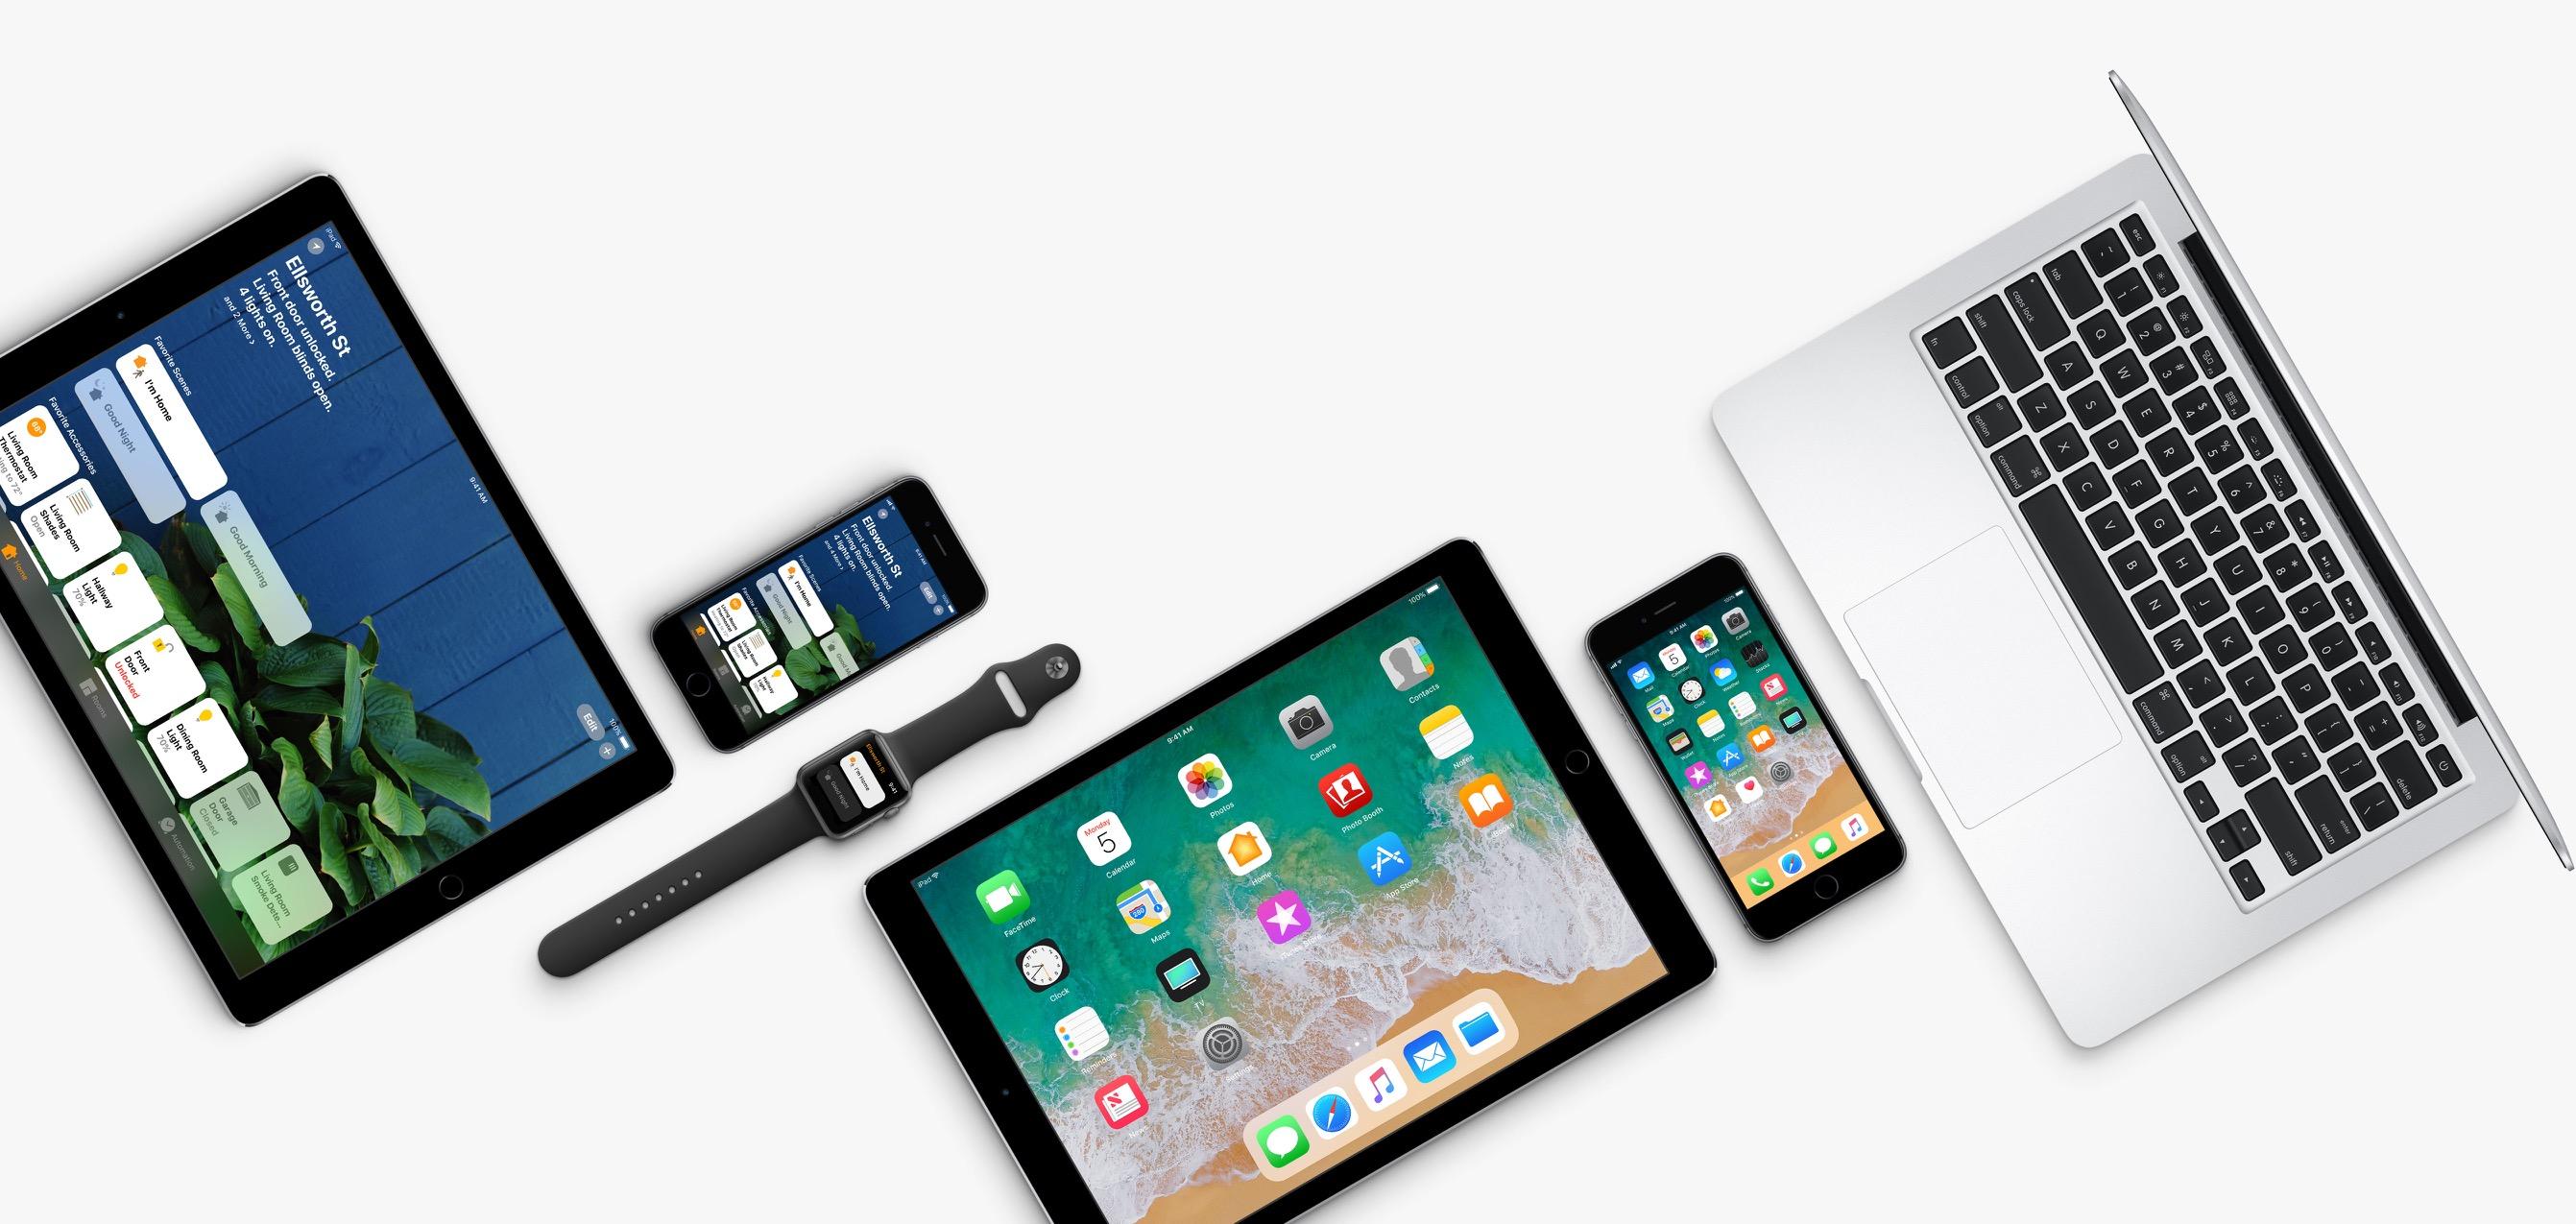 Família de produtos com os novos sistemas operacionais